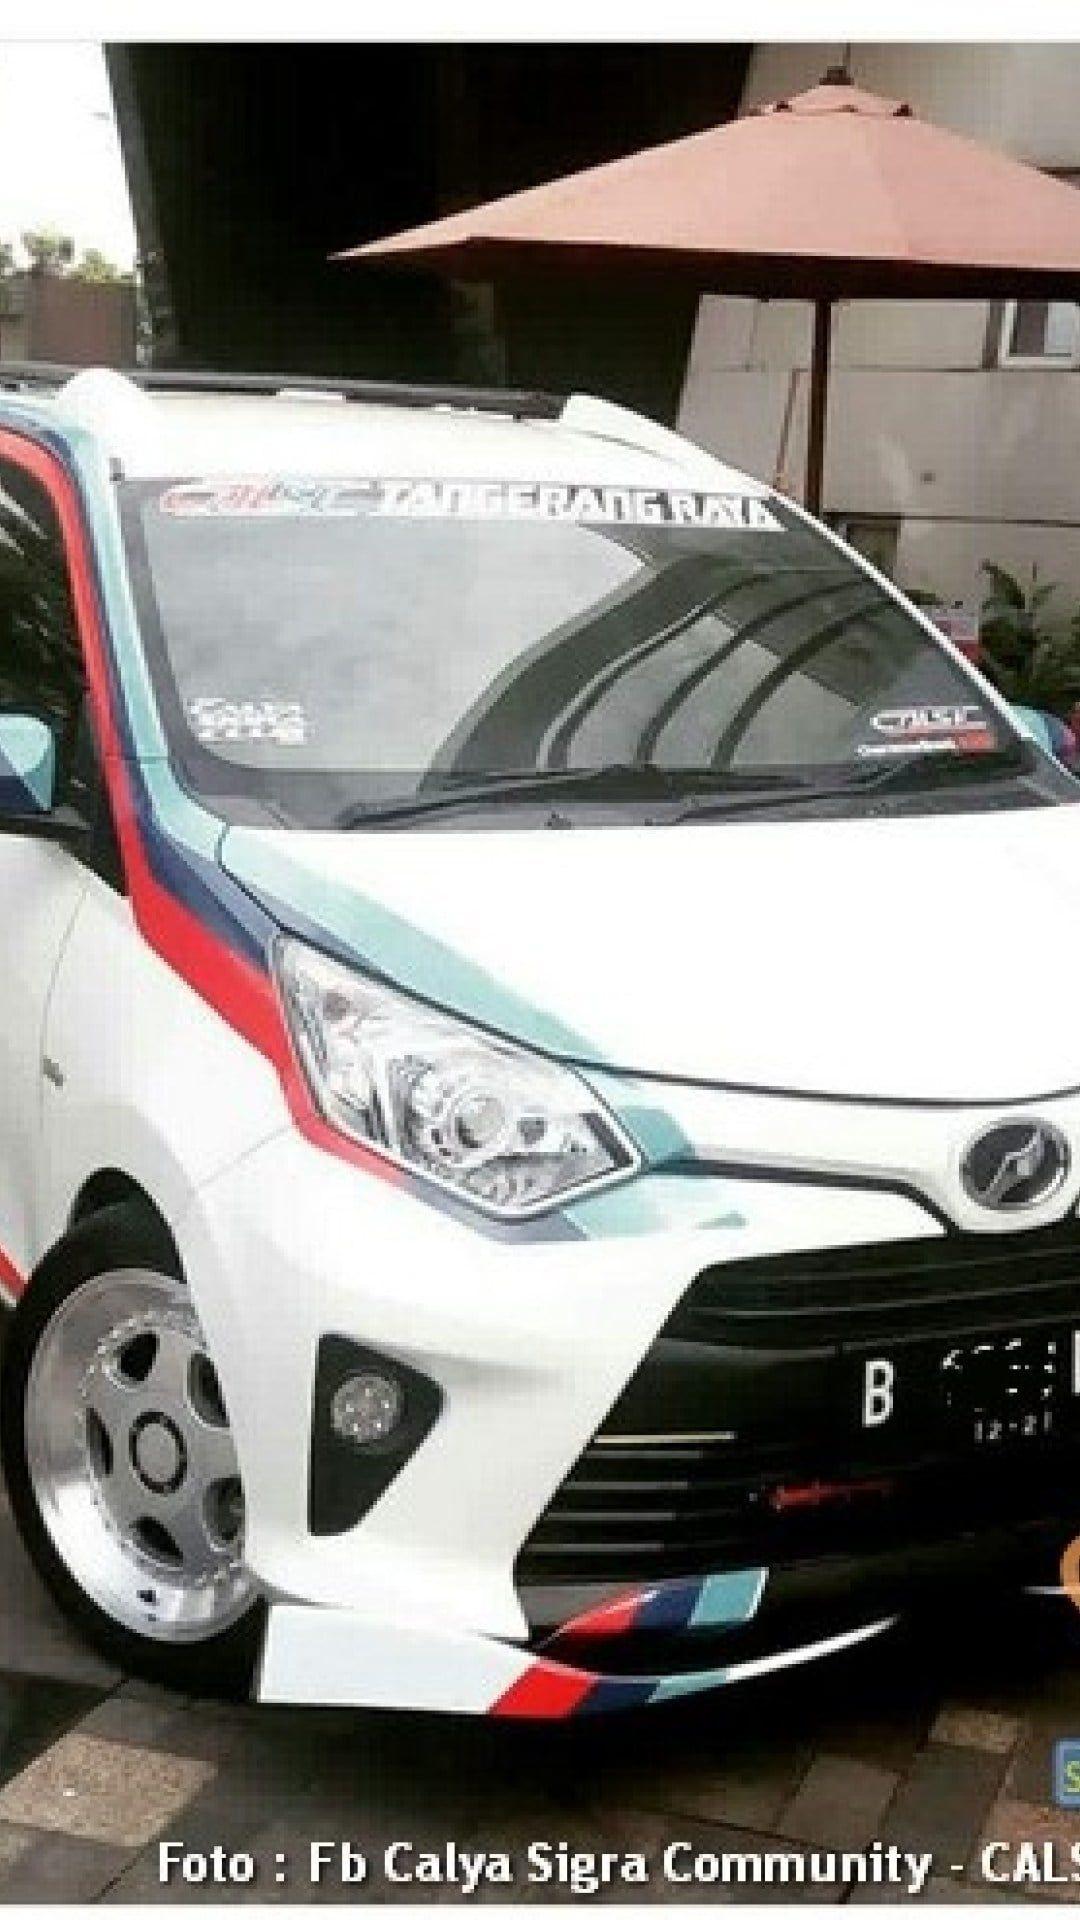 Modifikasi Mobil Calya Putih Modifikasi Mobil Mobil Motor Mobil